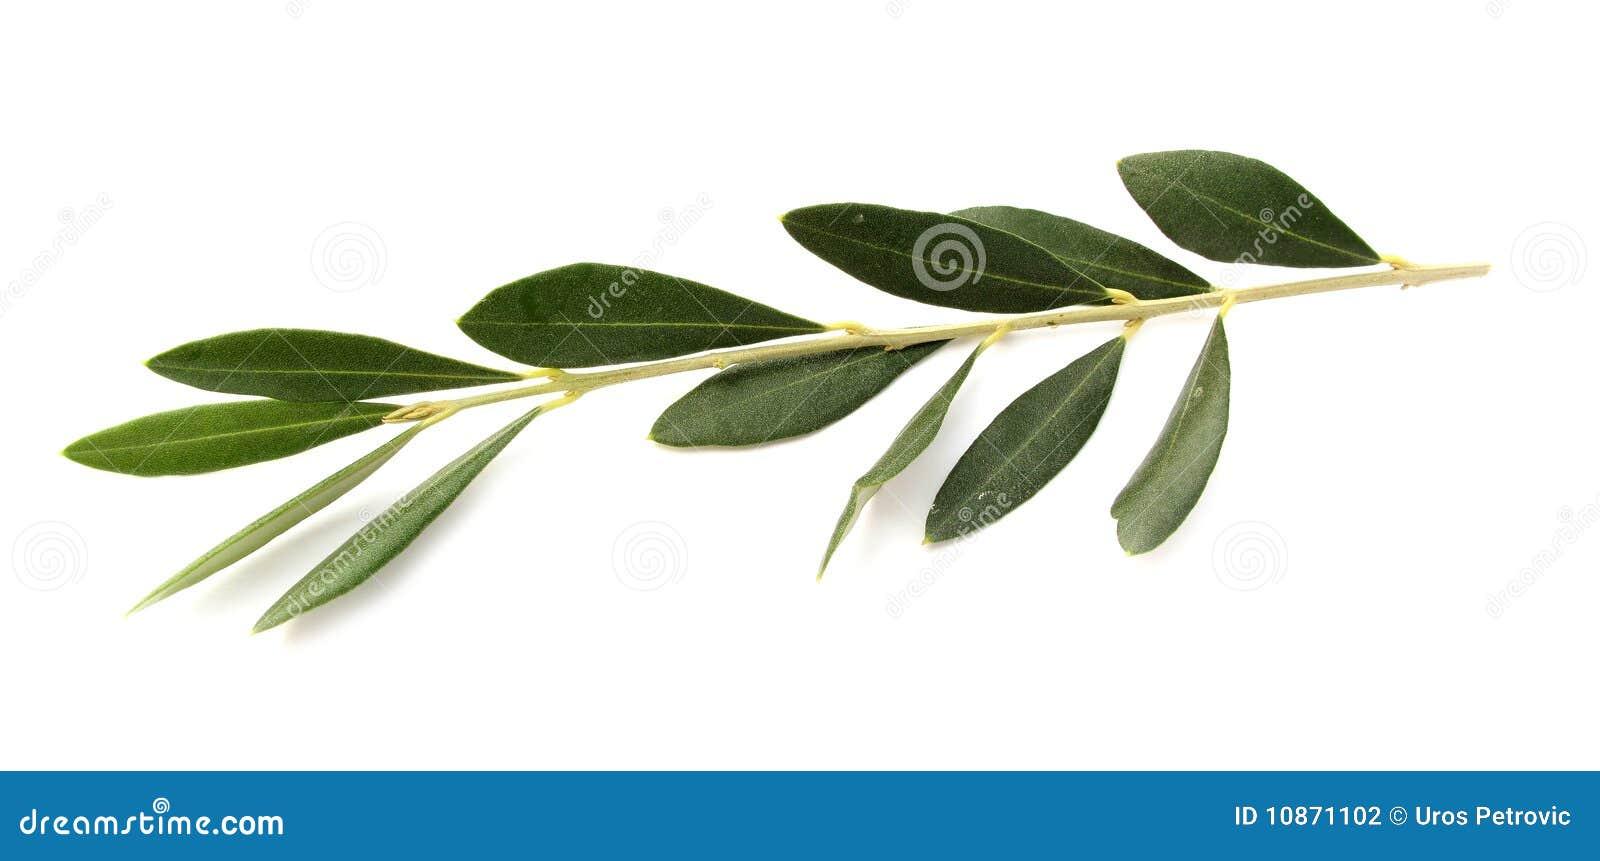 Rami di ulivo fotografia stock immagine 10871102 for Acquisto piante ulivo